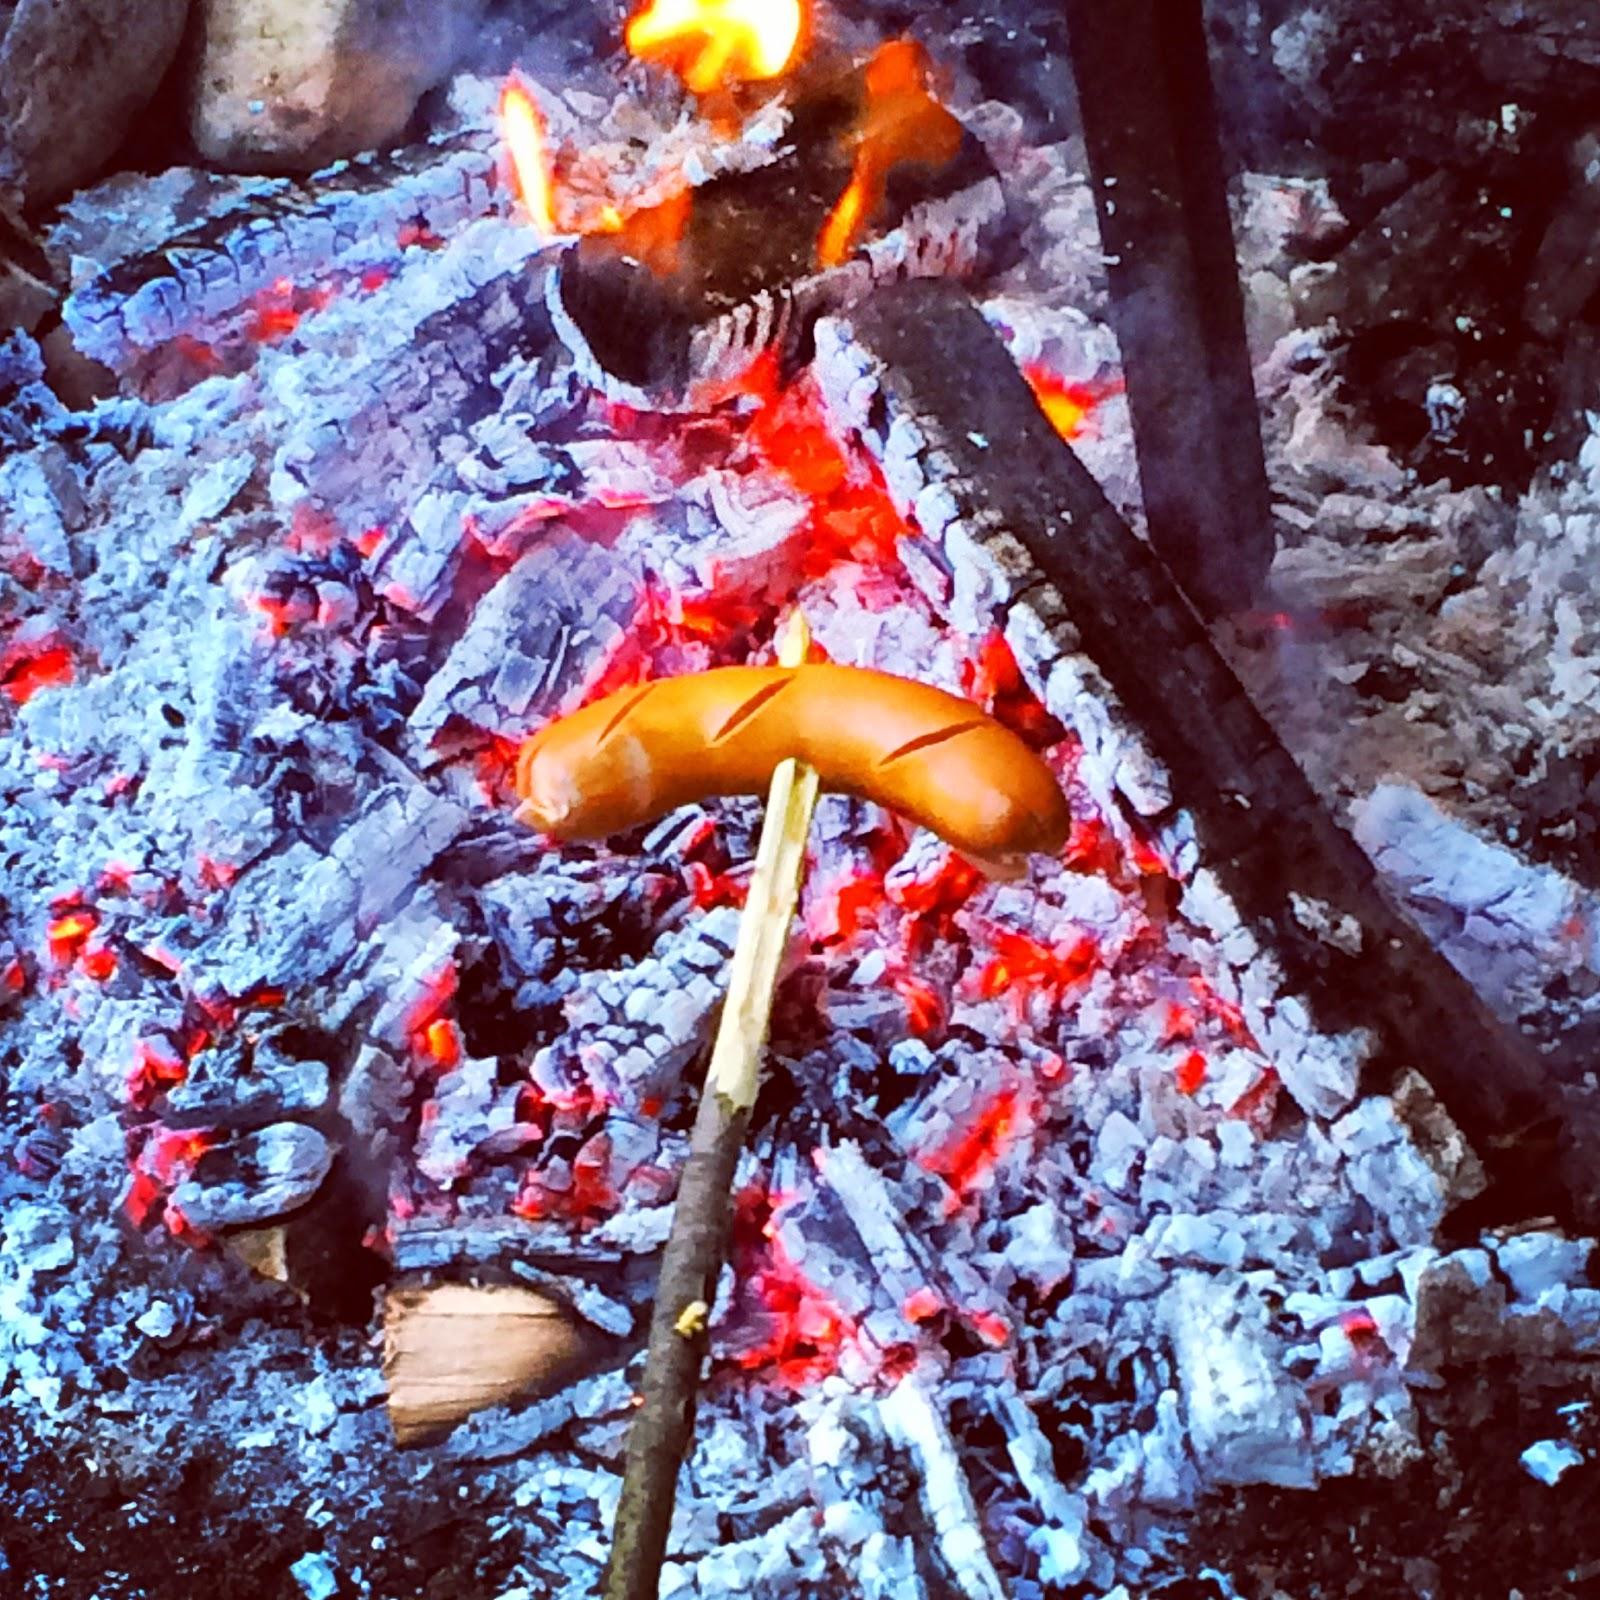 Grillen im Wald, essen, Fleisch, Freunde, Spass, barbecue in the forest, eating, meat, Friends, Fun